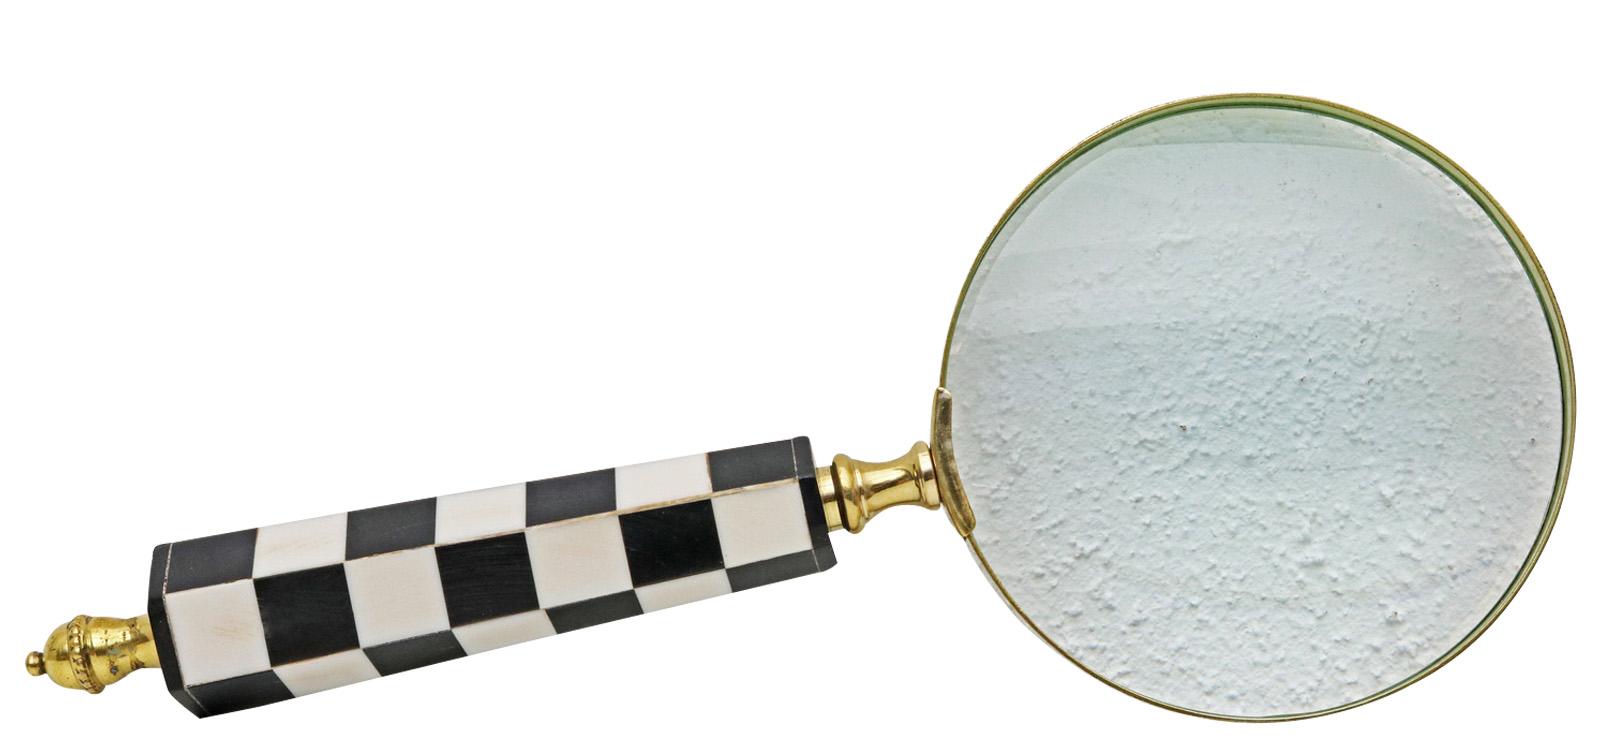 8656 Lupe Leselupe Vergrößerungsglas Antik Stil Perlmutt Optik vernickelt